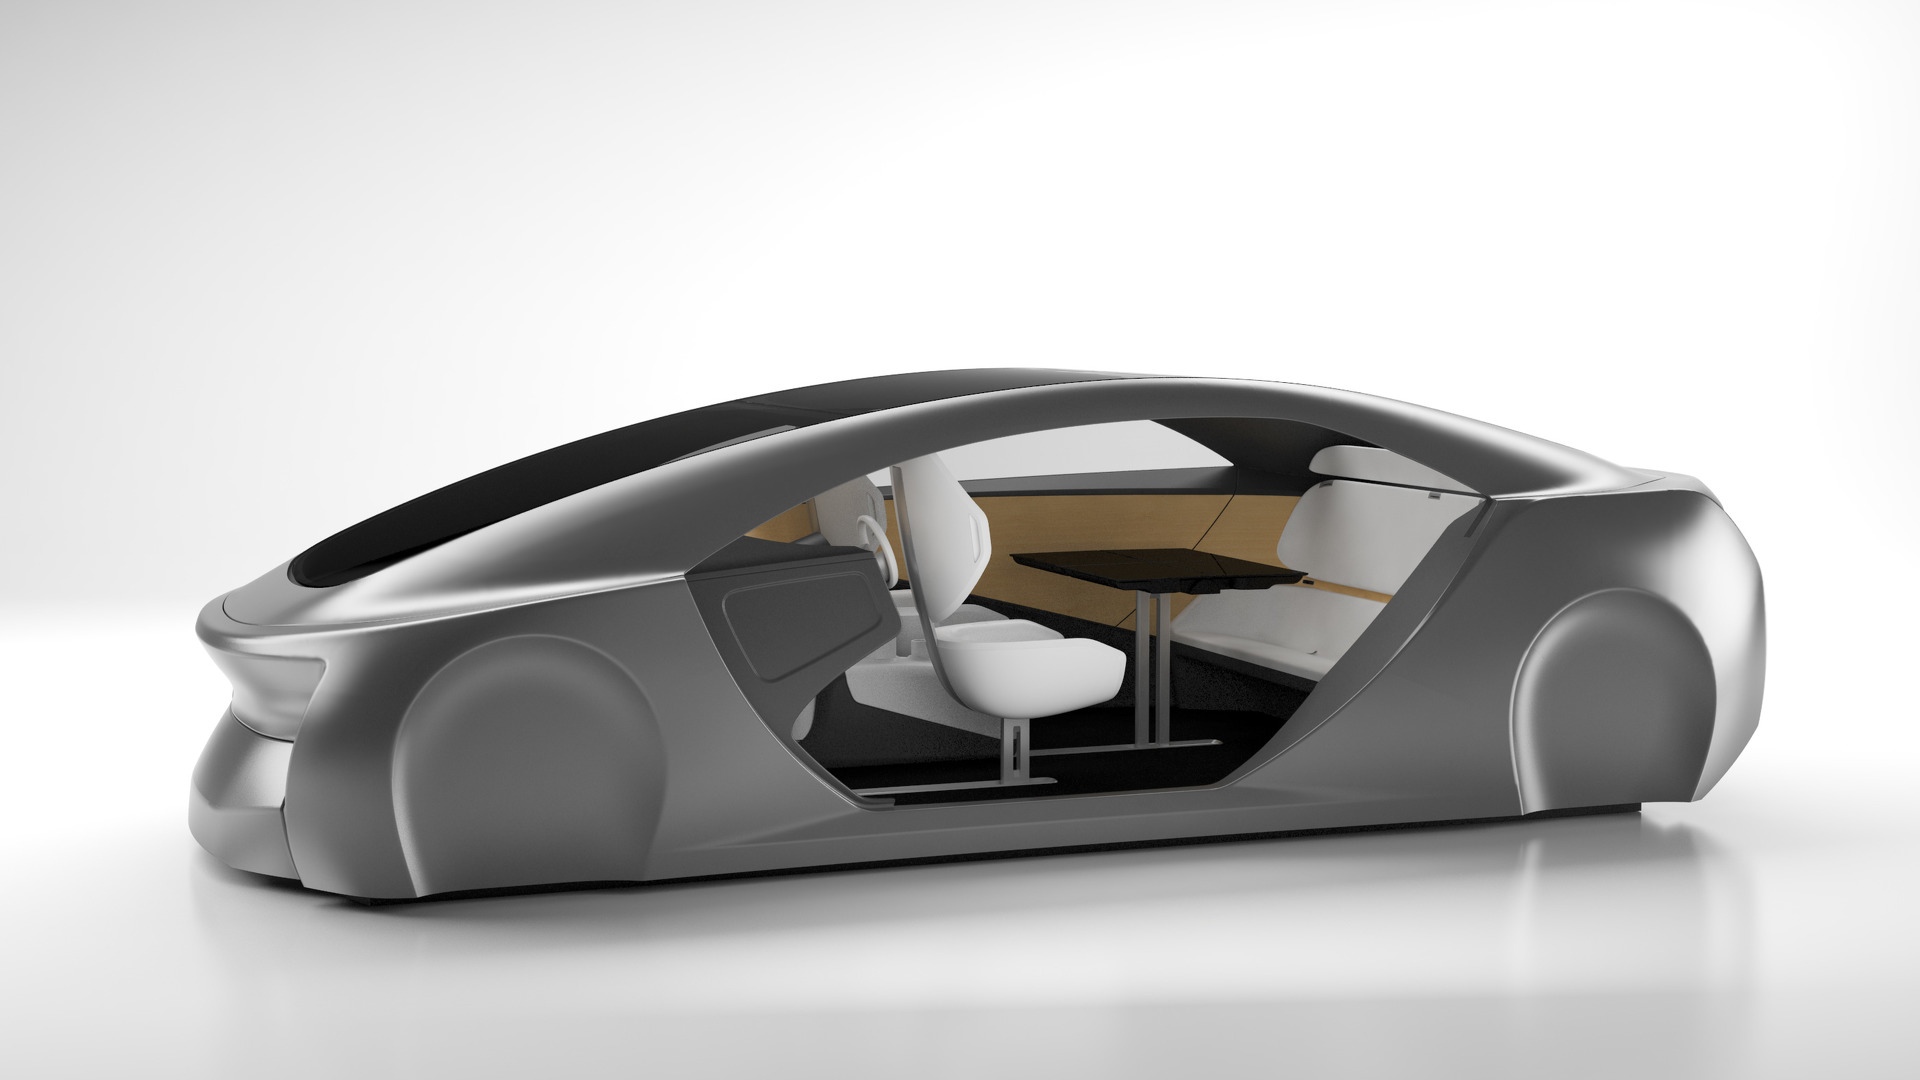 panasonic-autonomous-cabin-concept (1)